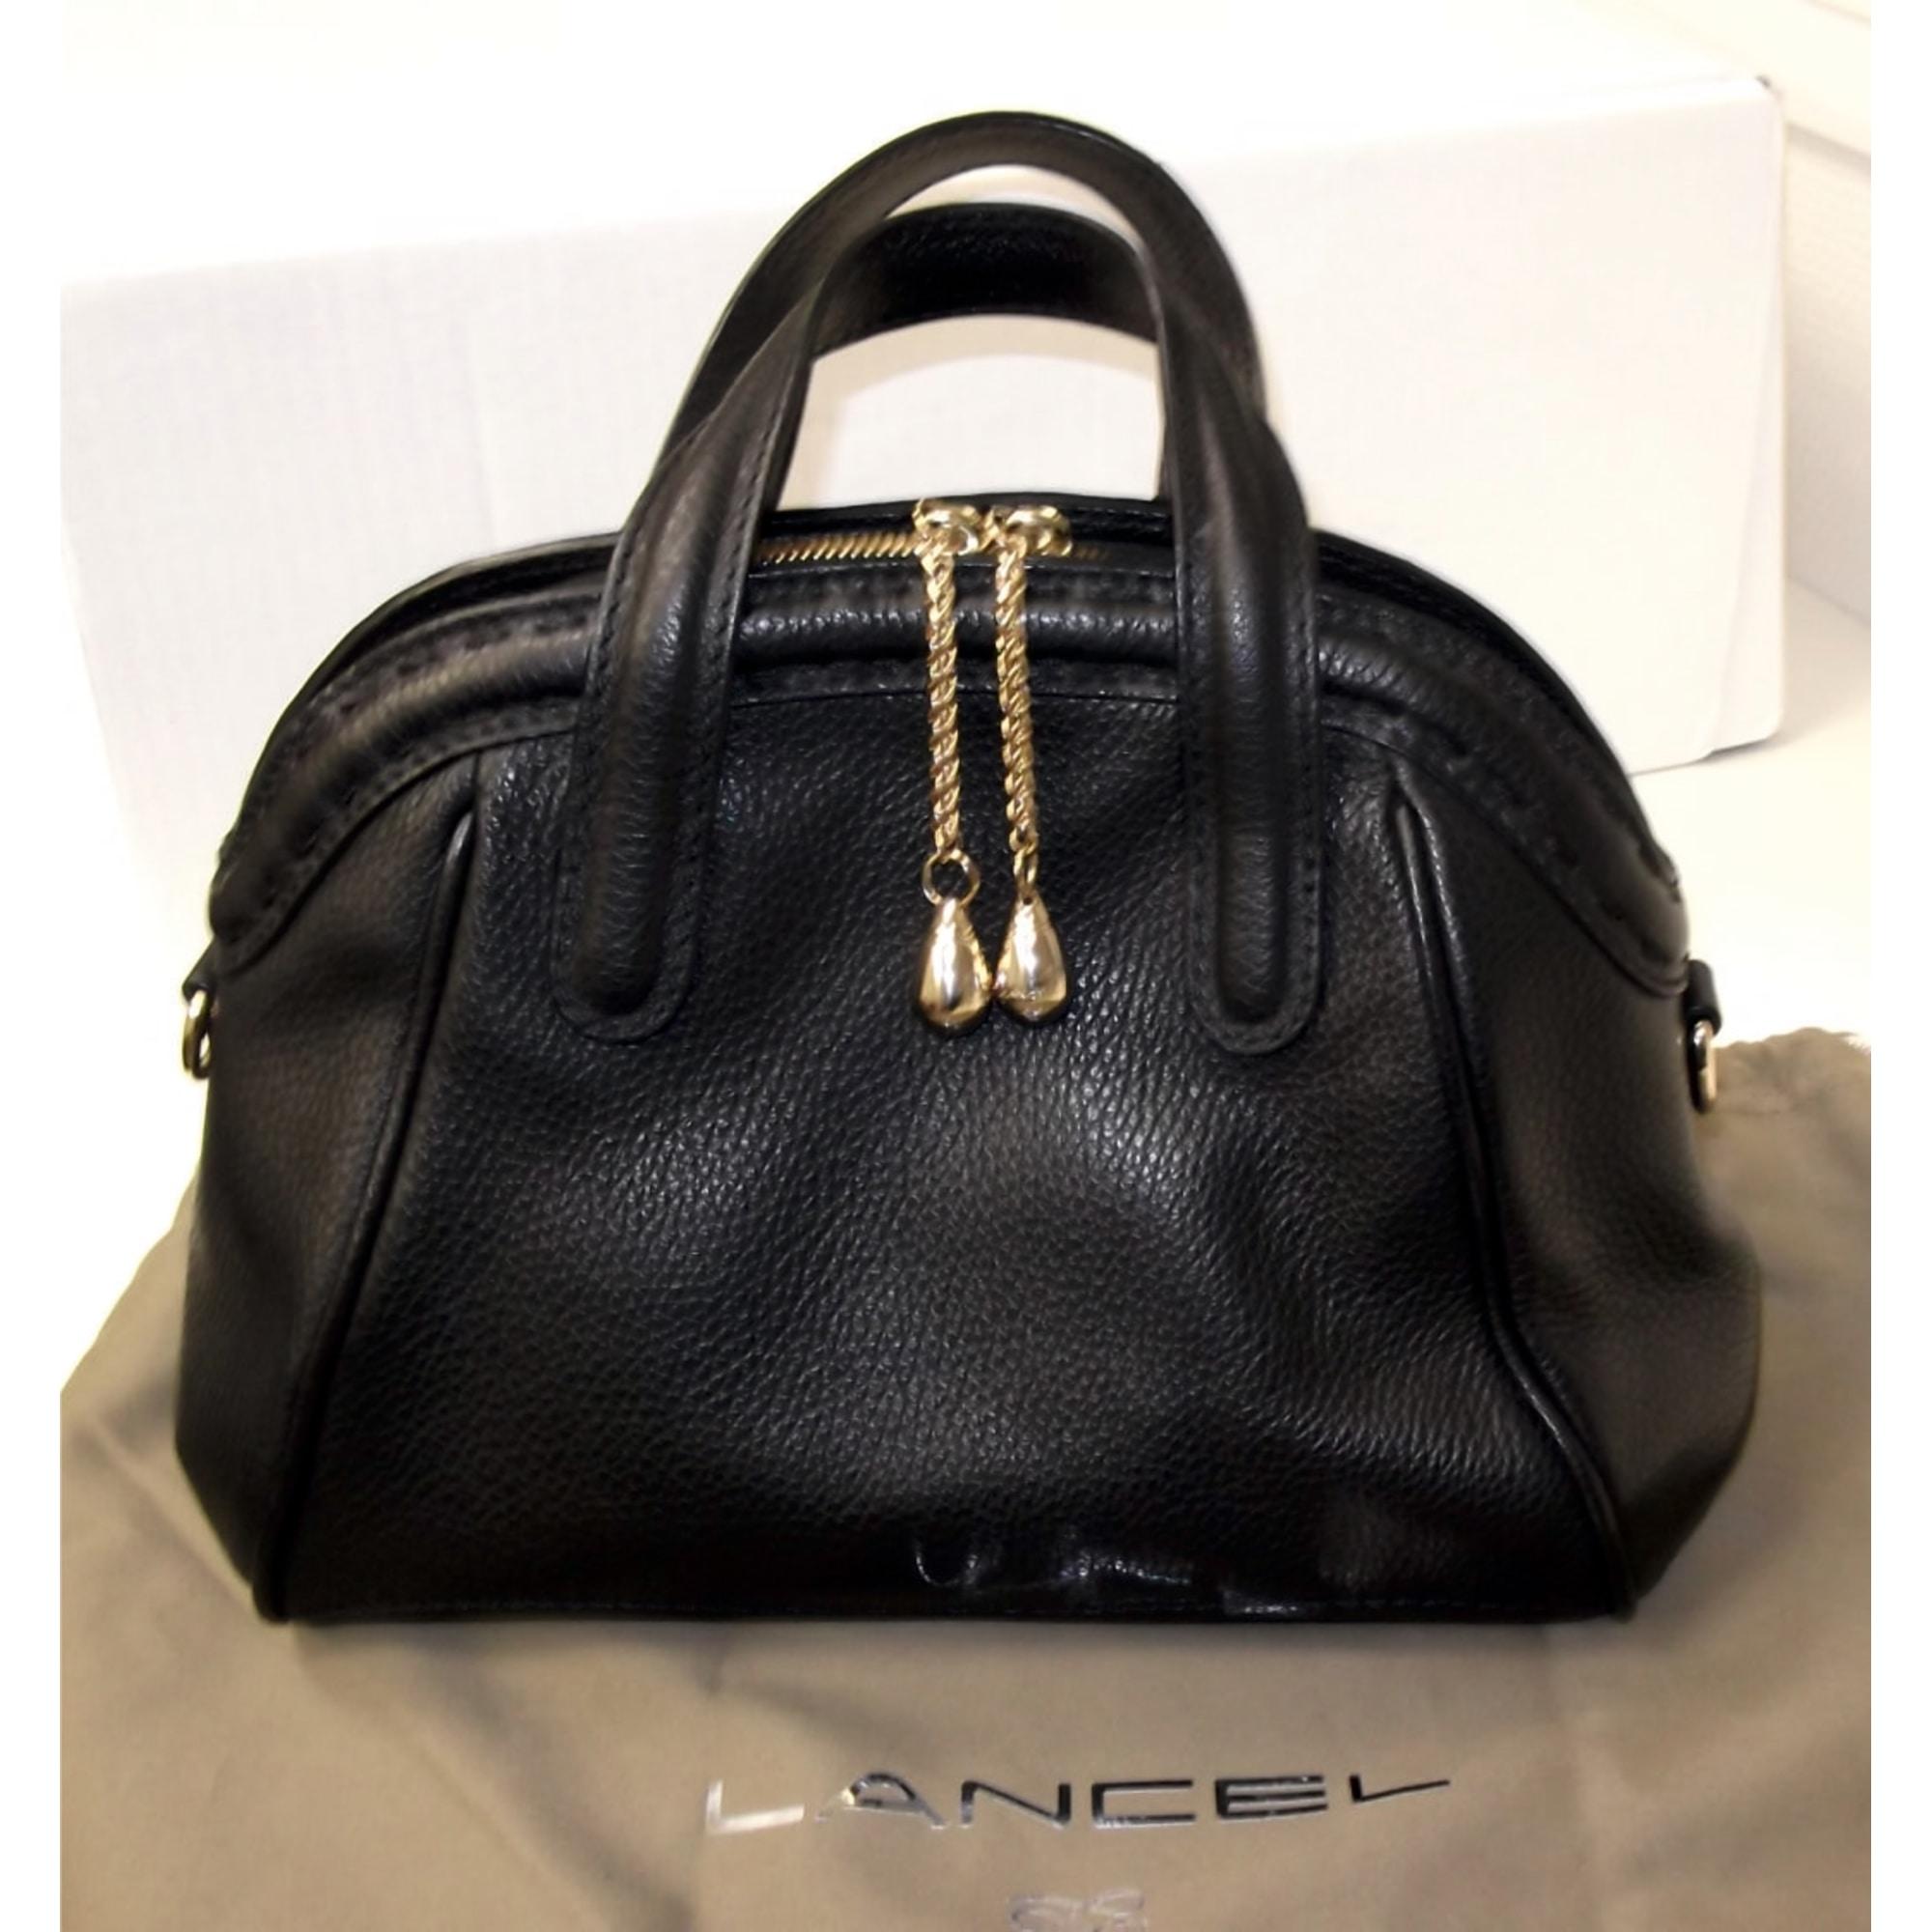 61bcfdf645 Sac à main en cuir LANCEL noir vendu par Michele m - 2187031